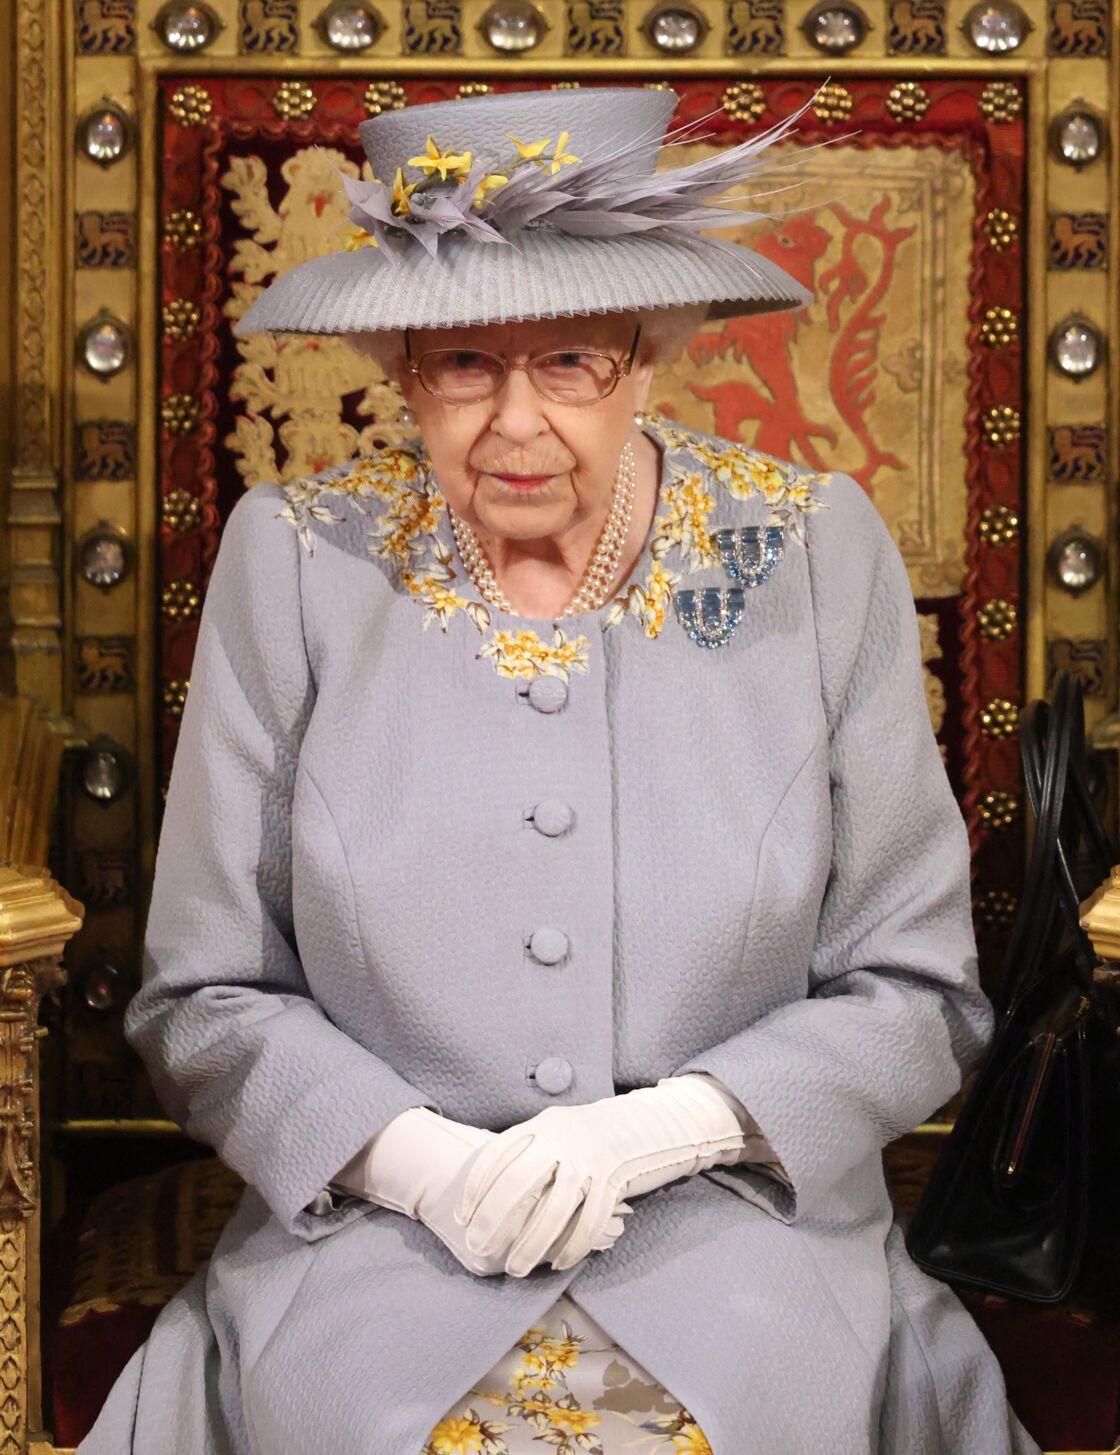 Le 11 mai 2021 au Parlement, la reine Elizabeth II recycle son manteau déjà porté à Ascot en juin 2019